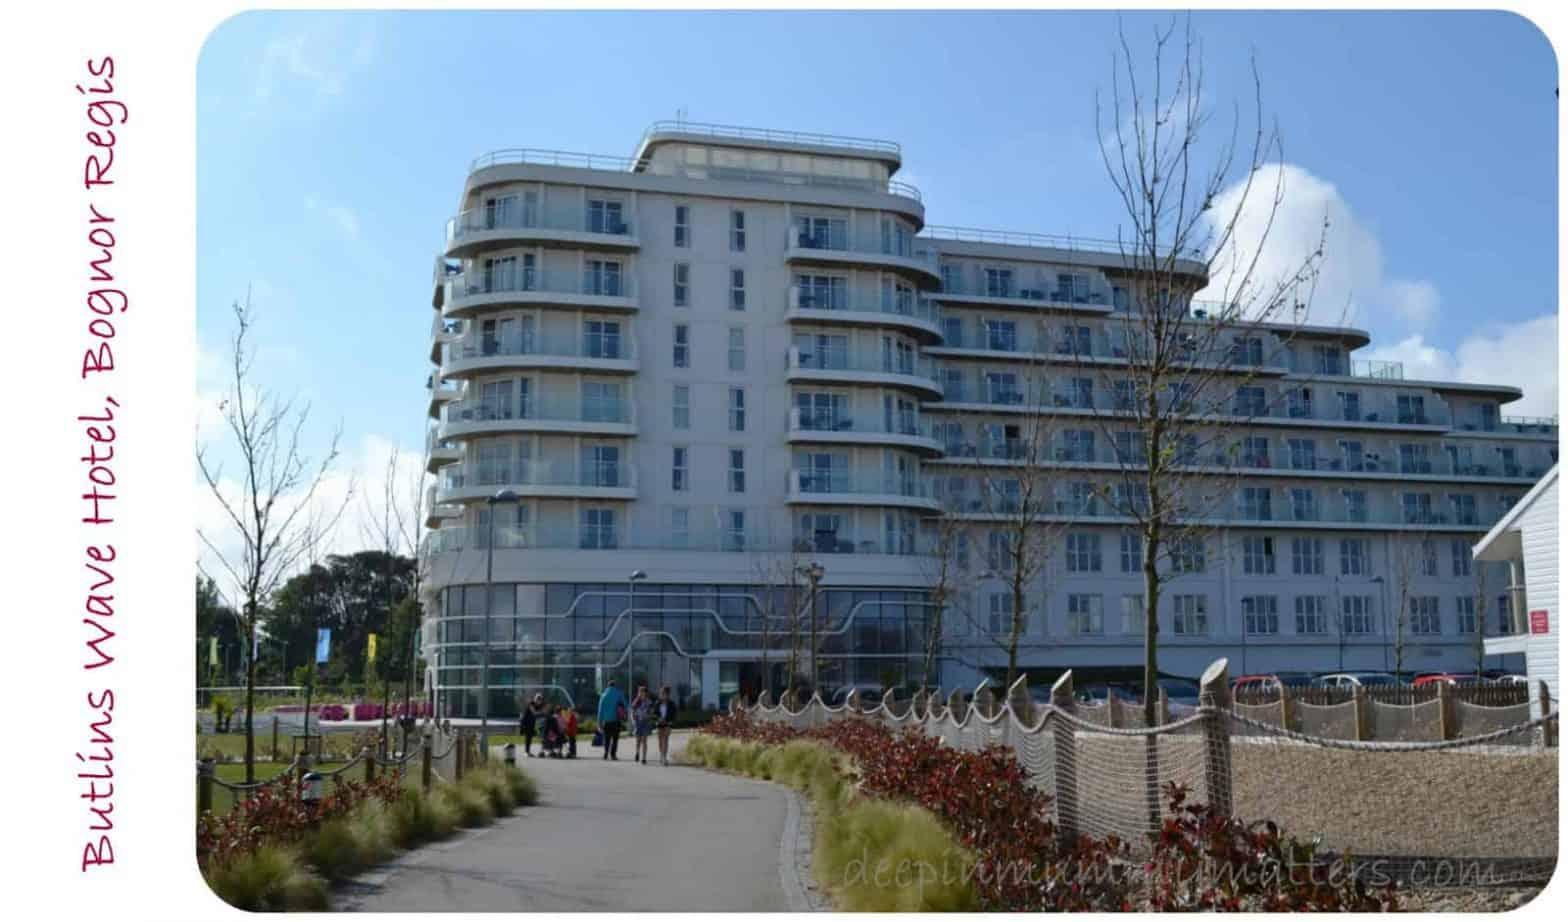 Butlins Wave Hotel